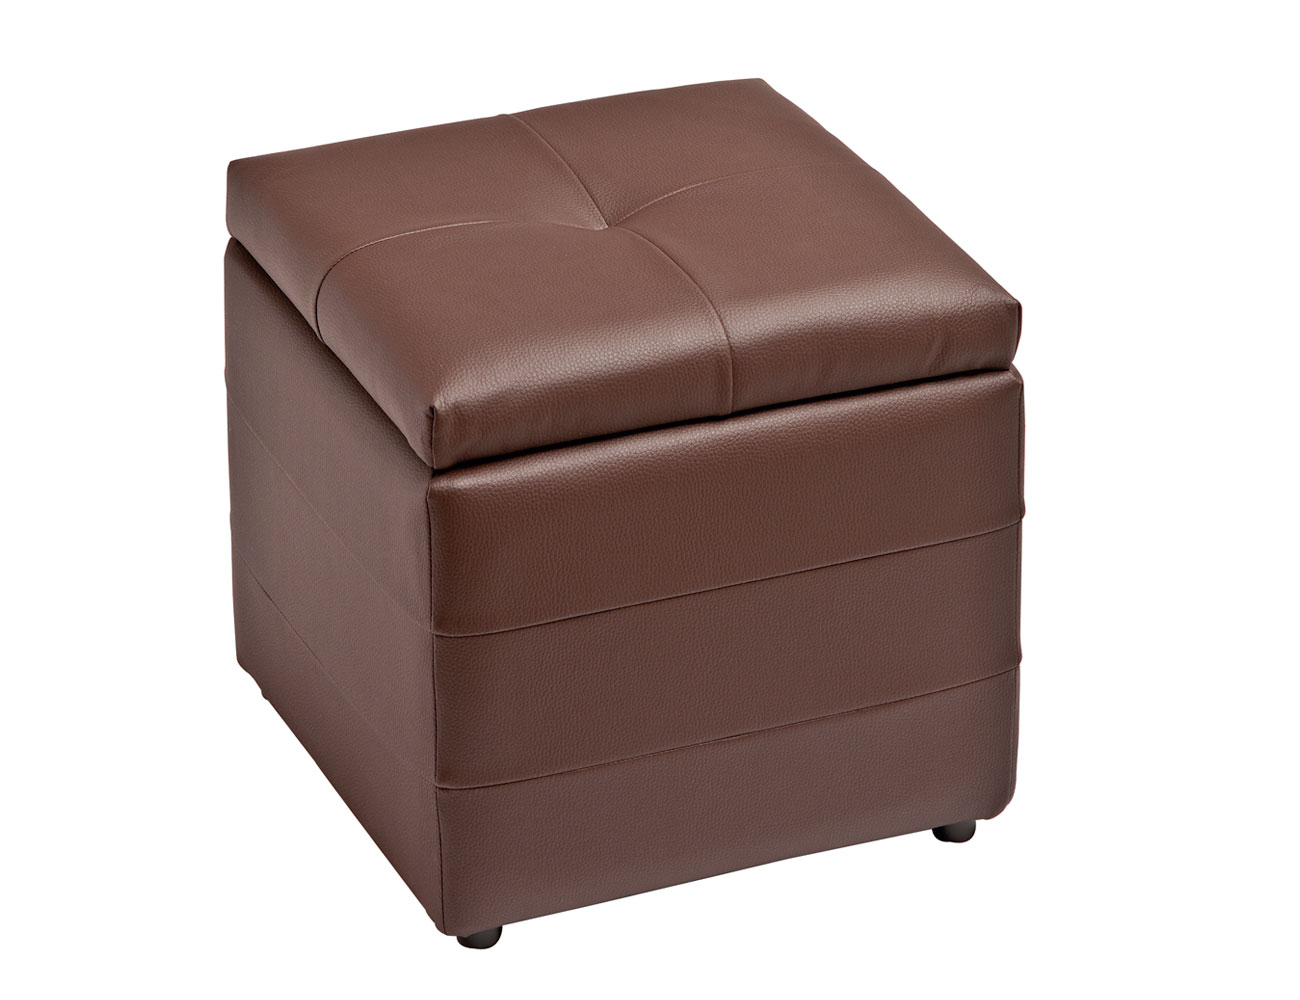 85 cuadrado capitone chocolate3